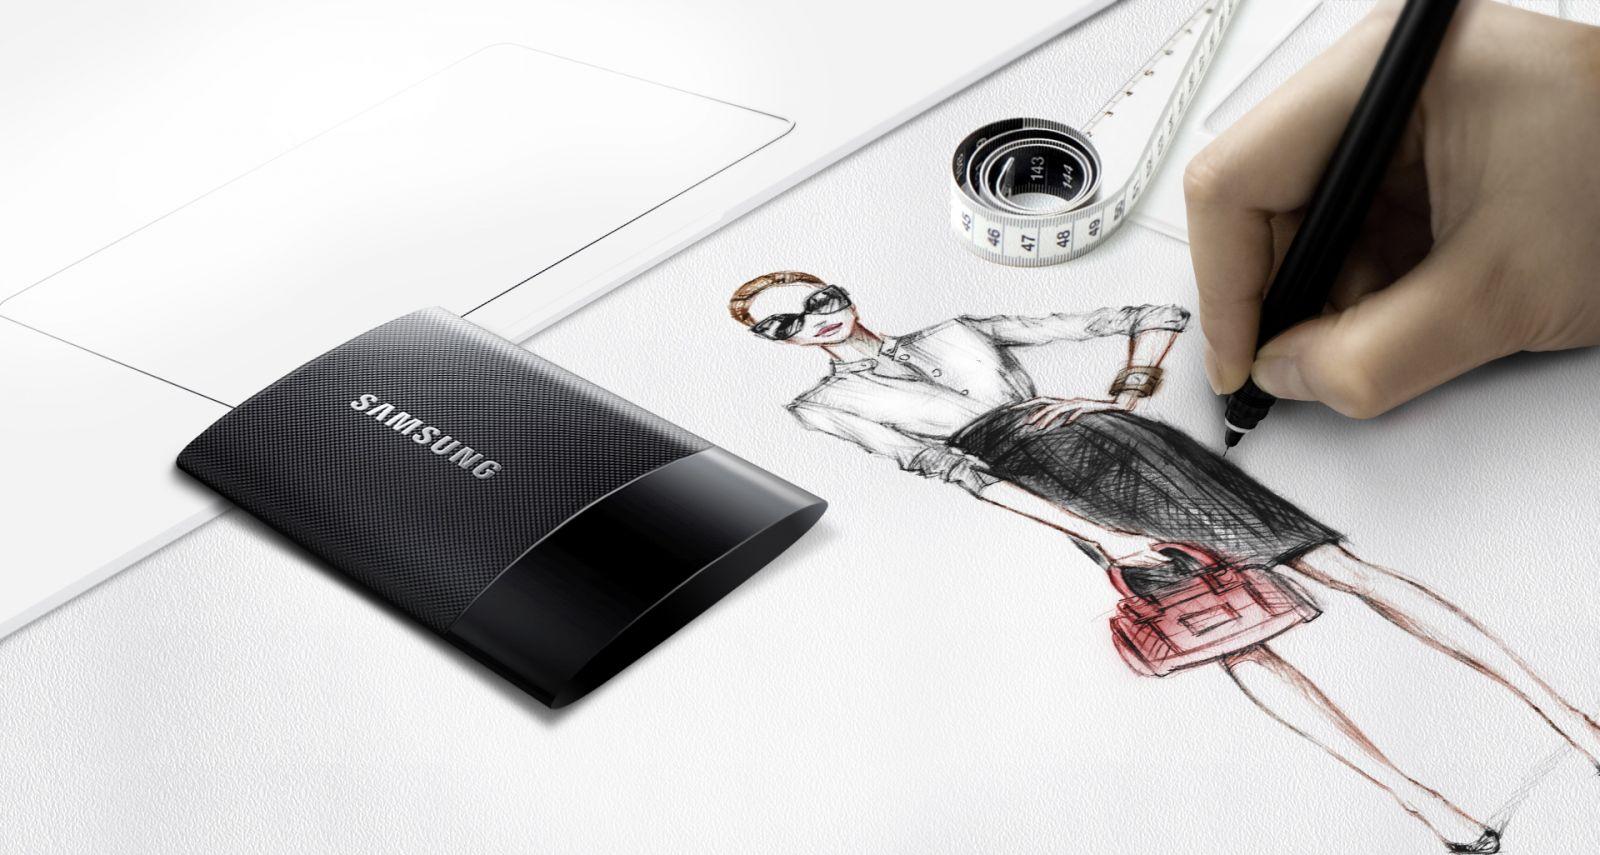 gama-de-ssd-uri-portabile-samsung-t1-disponibila-in-romania